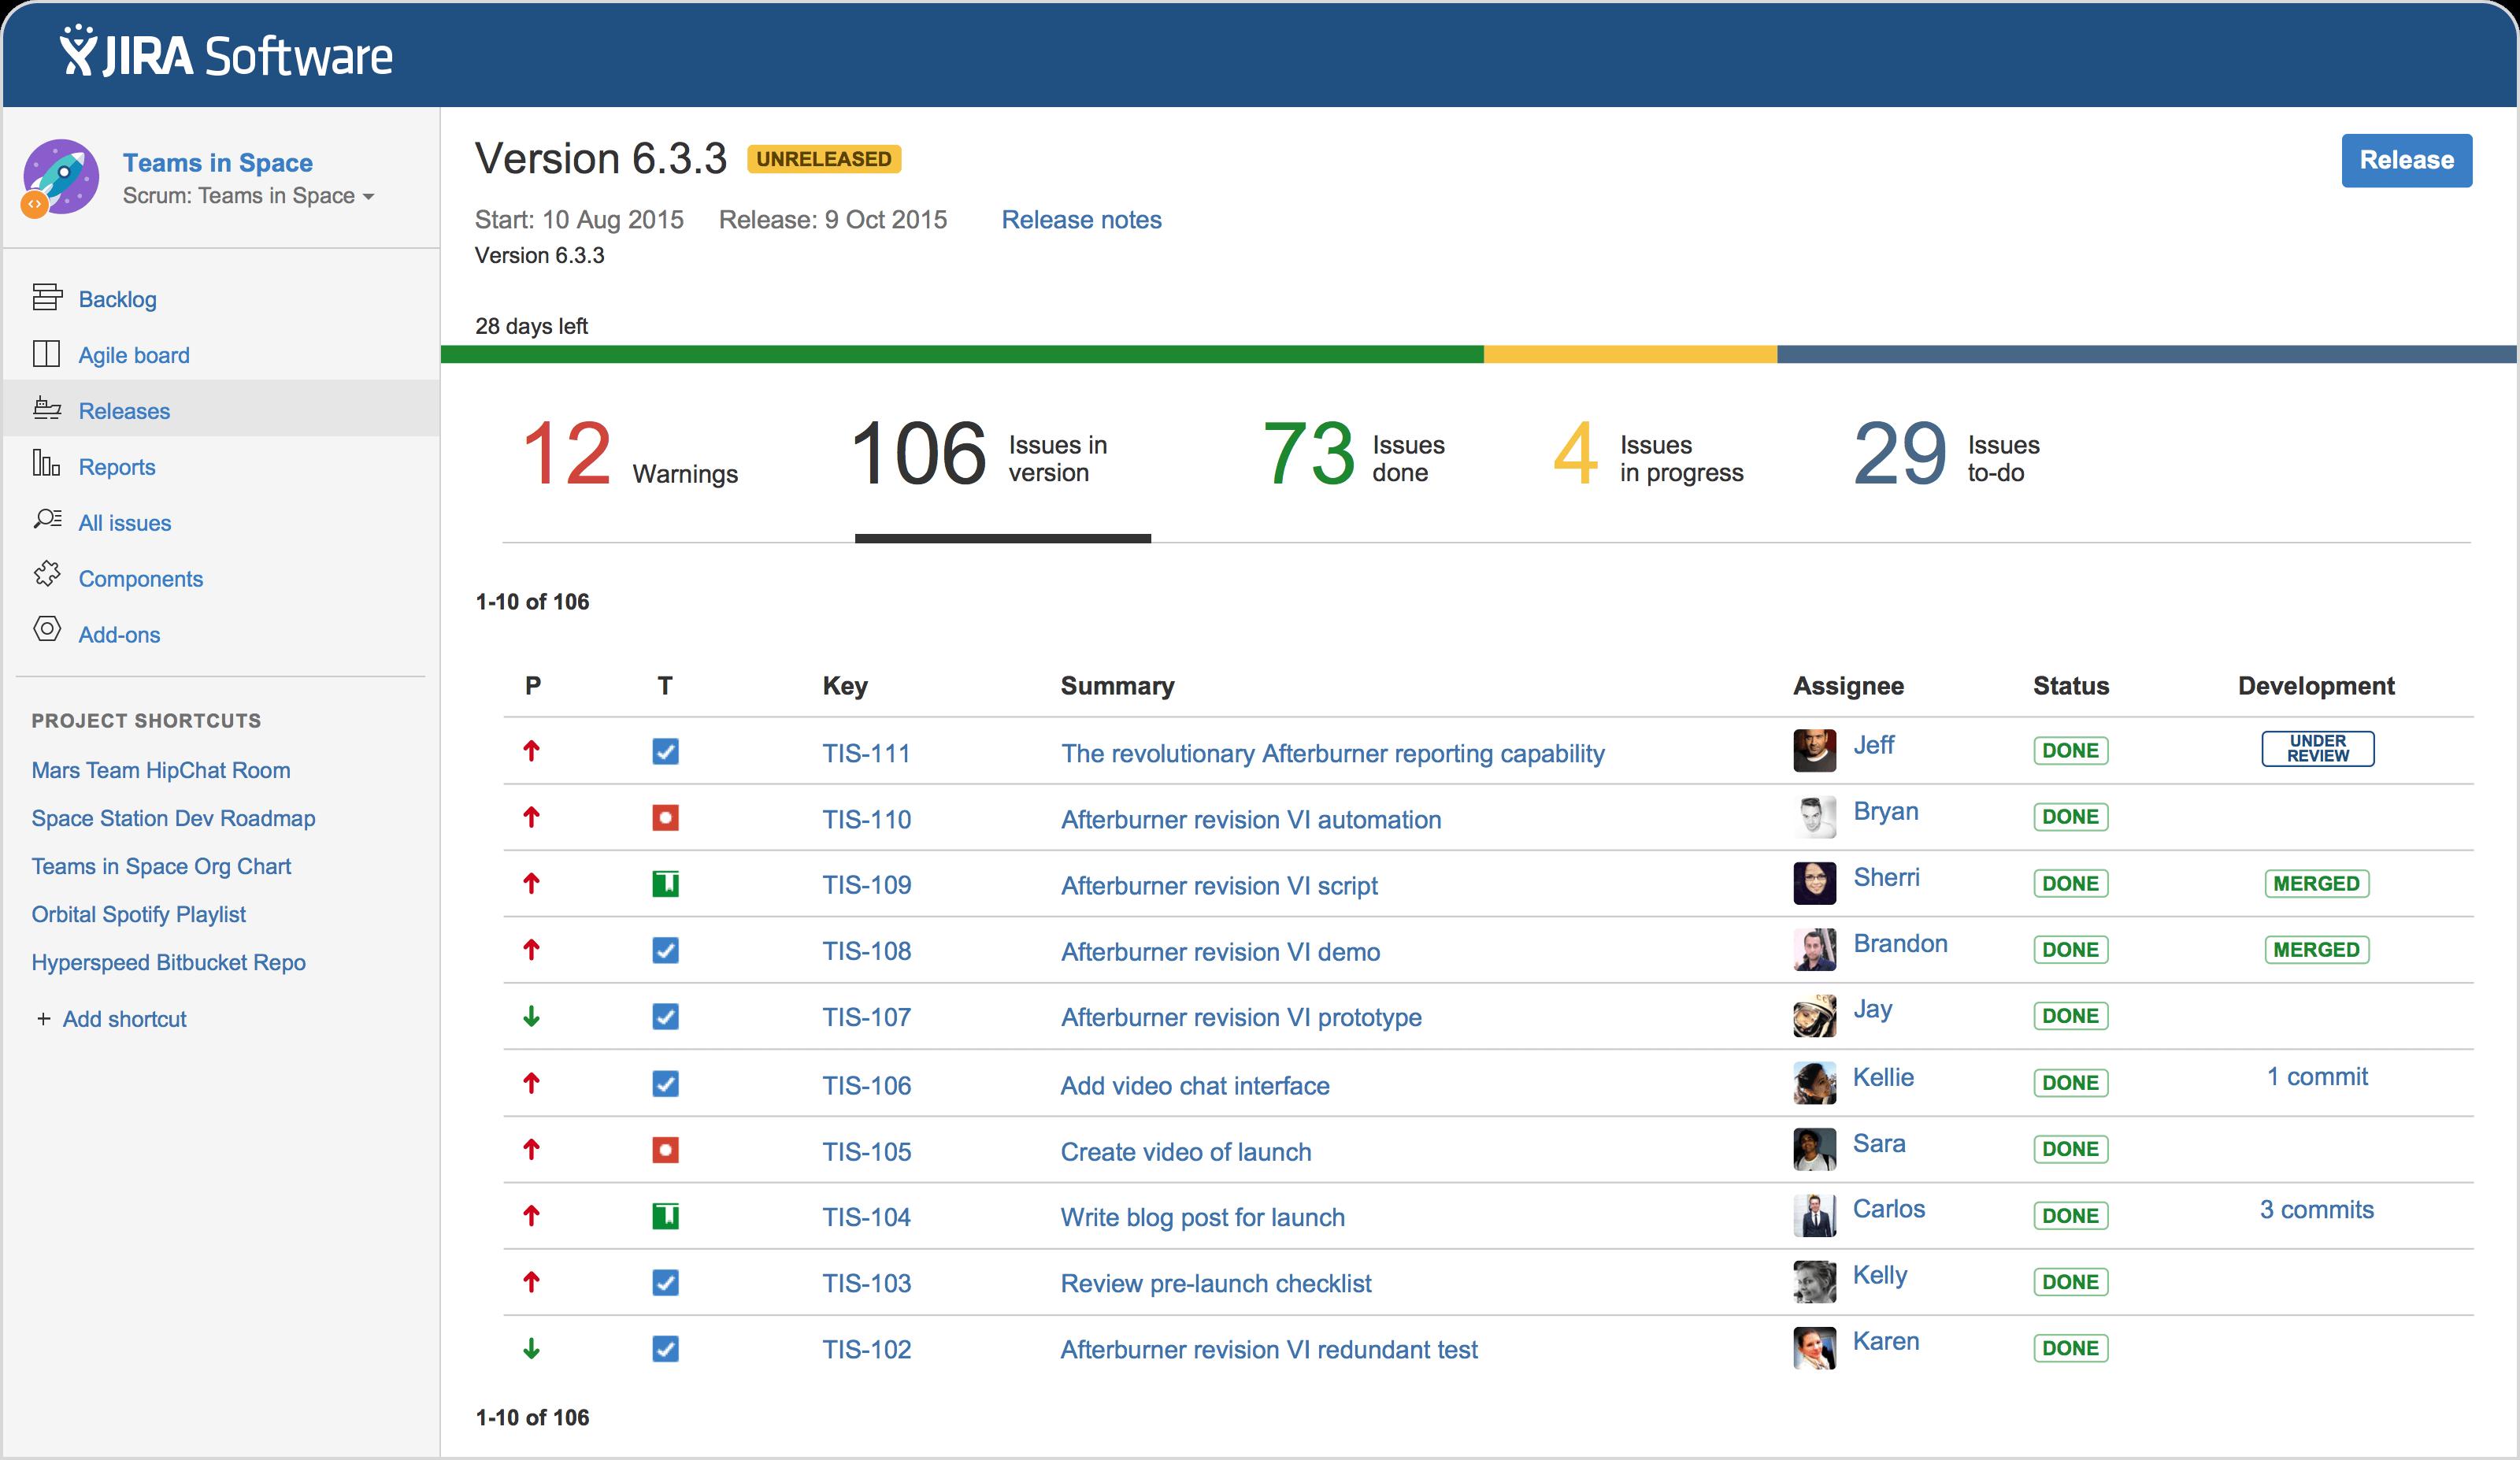 outil-gestion-projet-jira-software-livrer